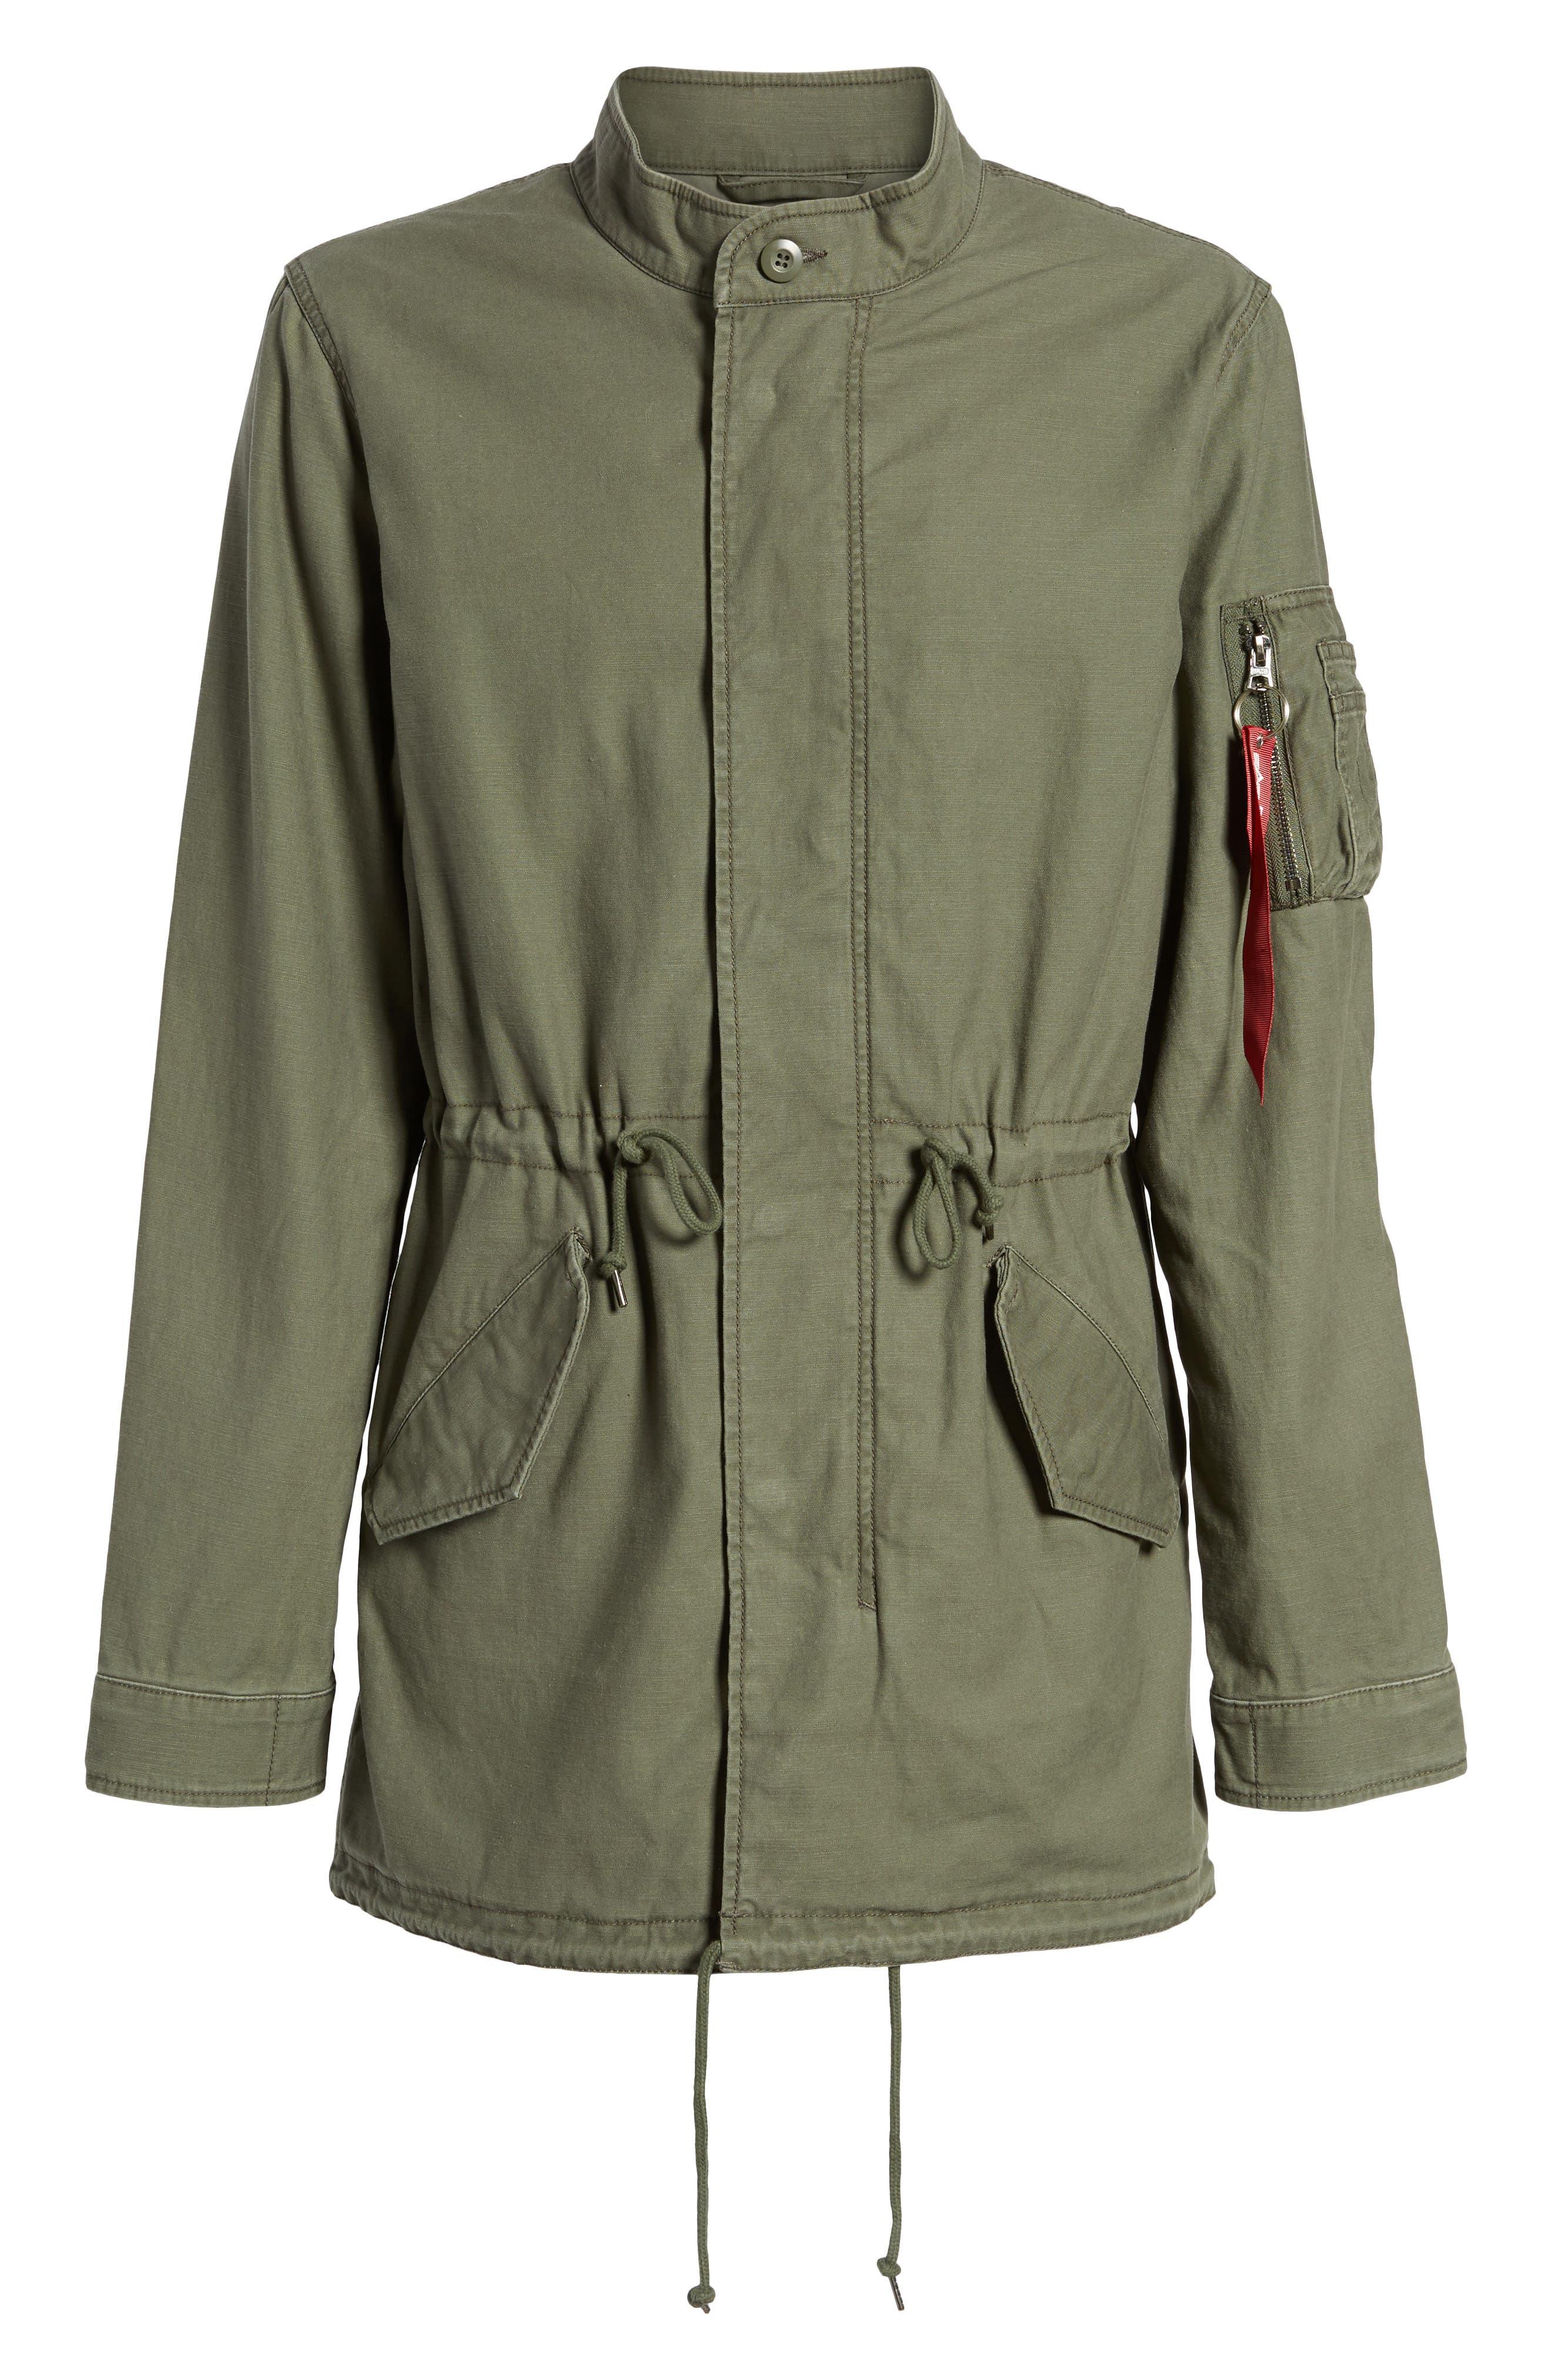 Recruit Fishtail Jacket,                             Alternate thumbnail 6, color,                             M-65 Olive